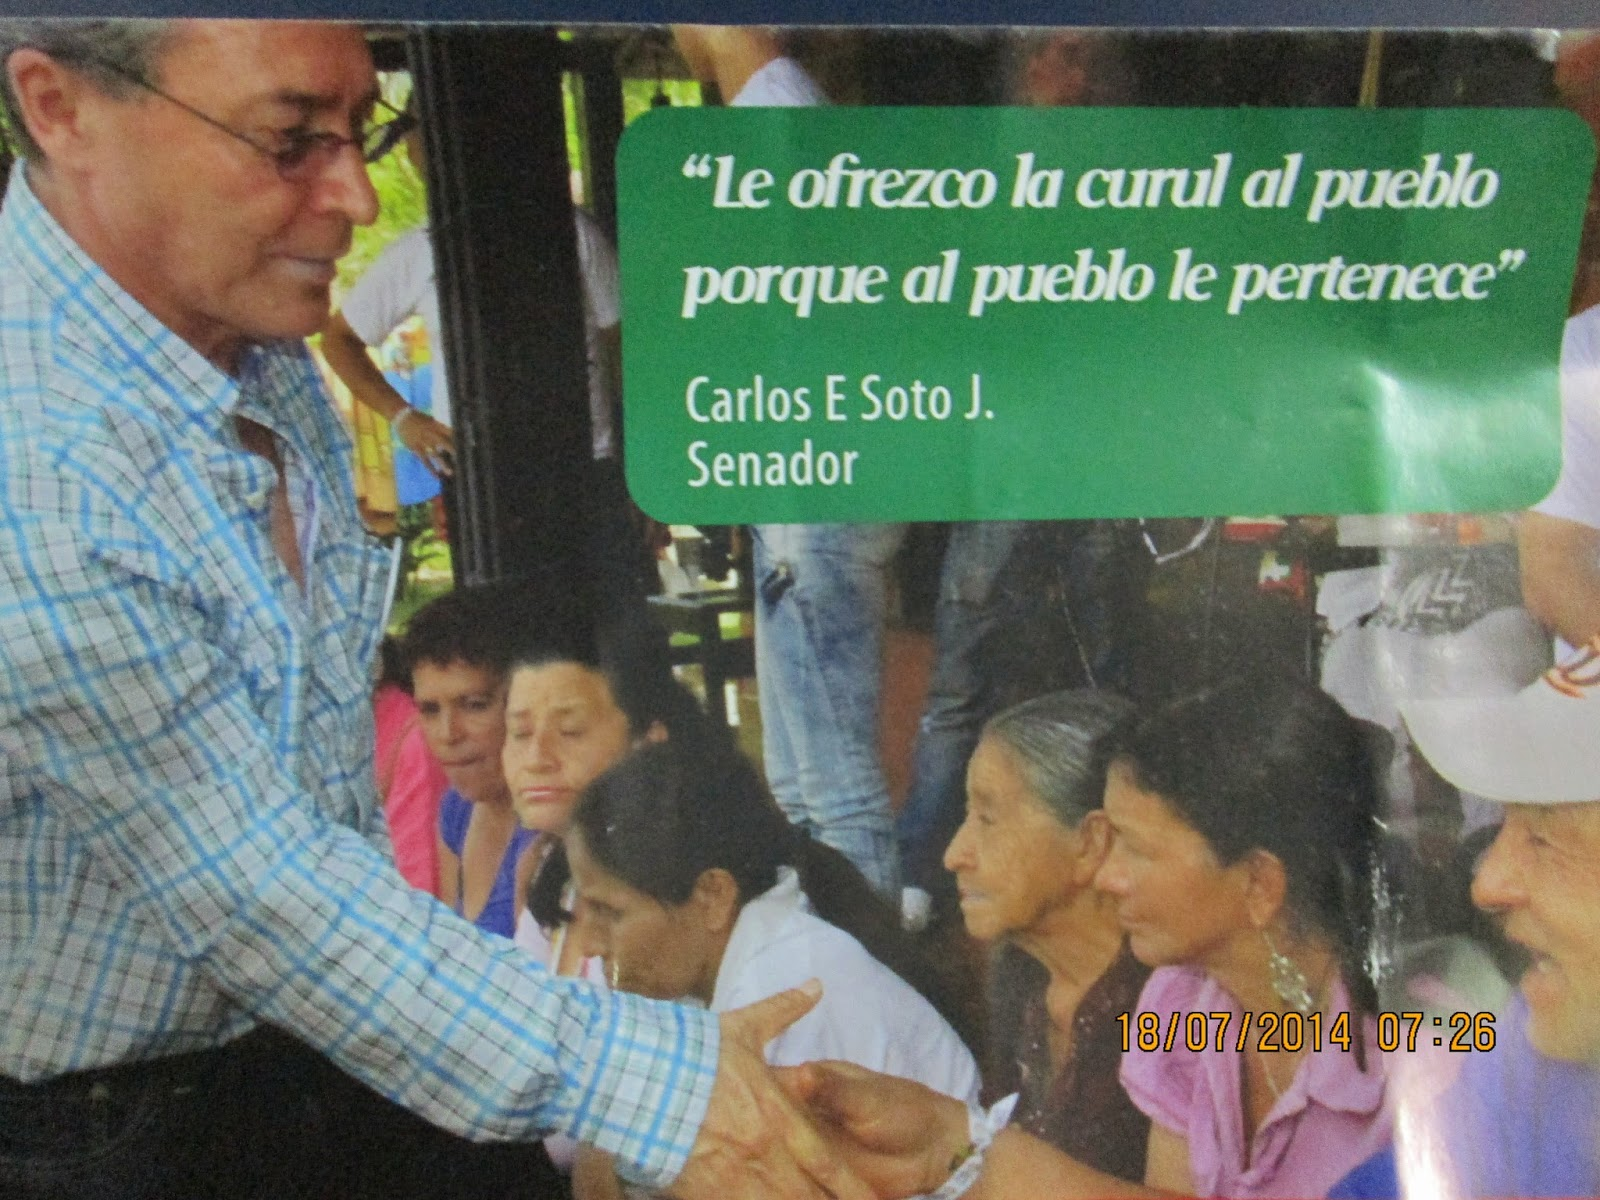 Resultado de imagen para Carlos Enrique Soto Jaramillo